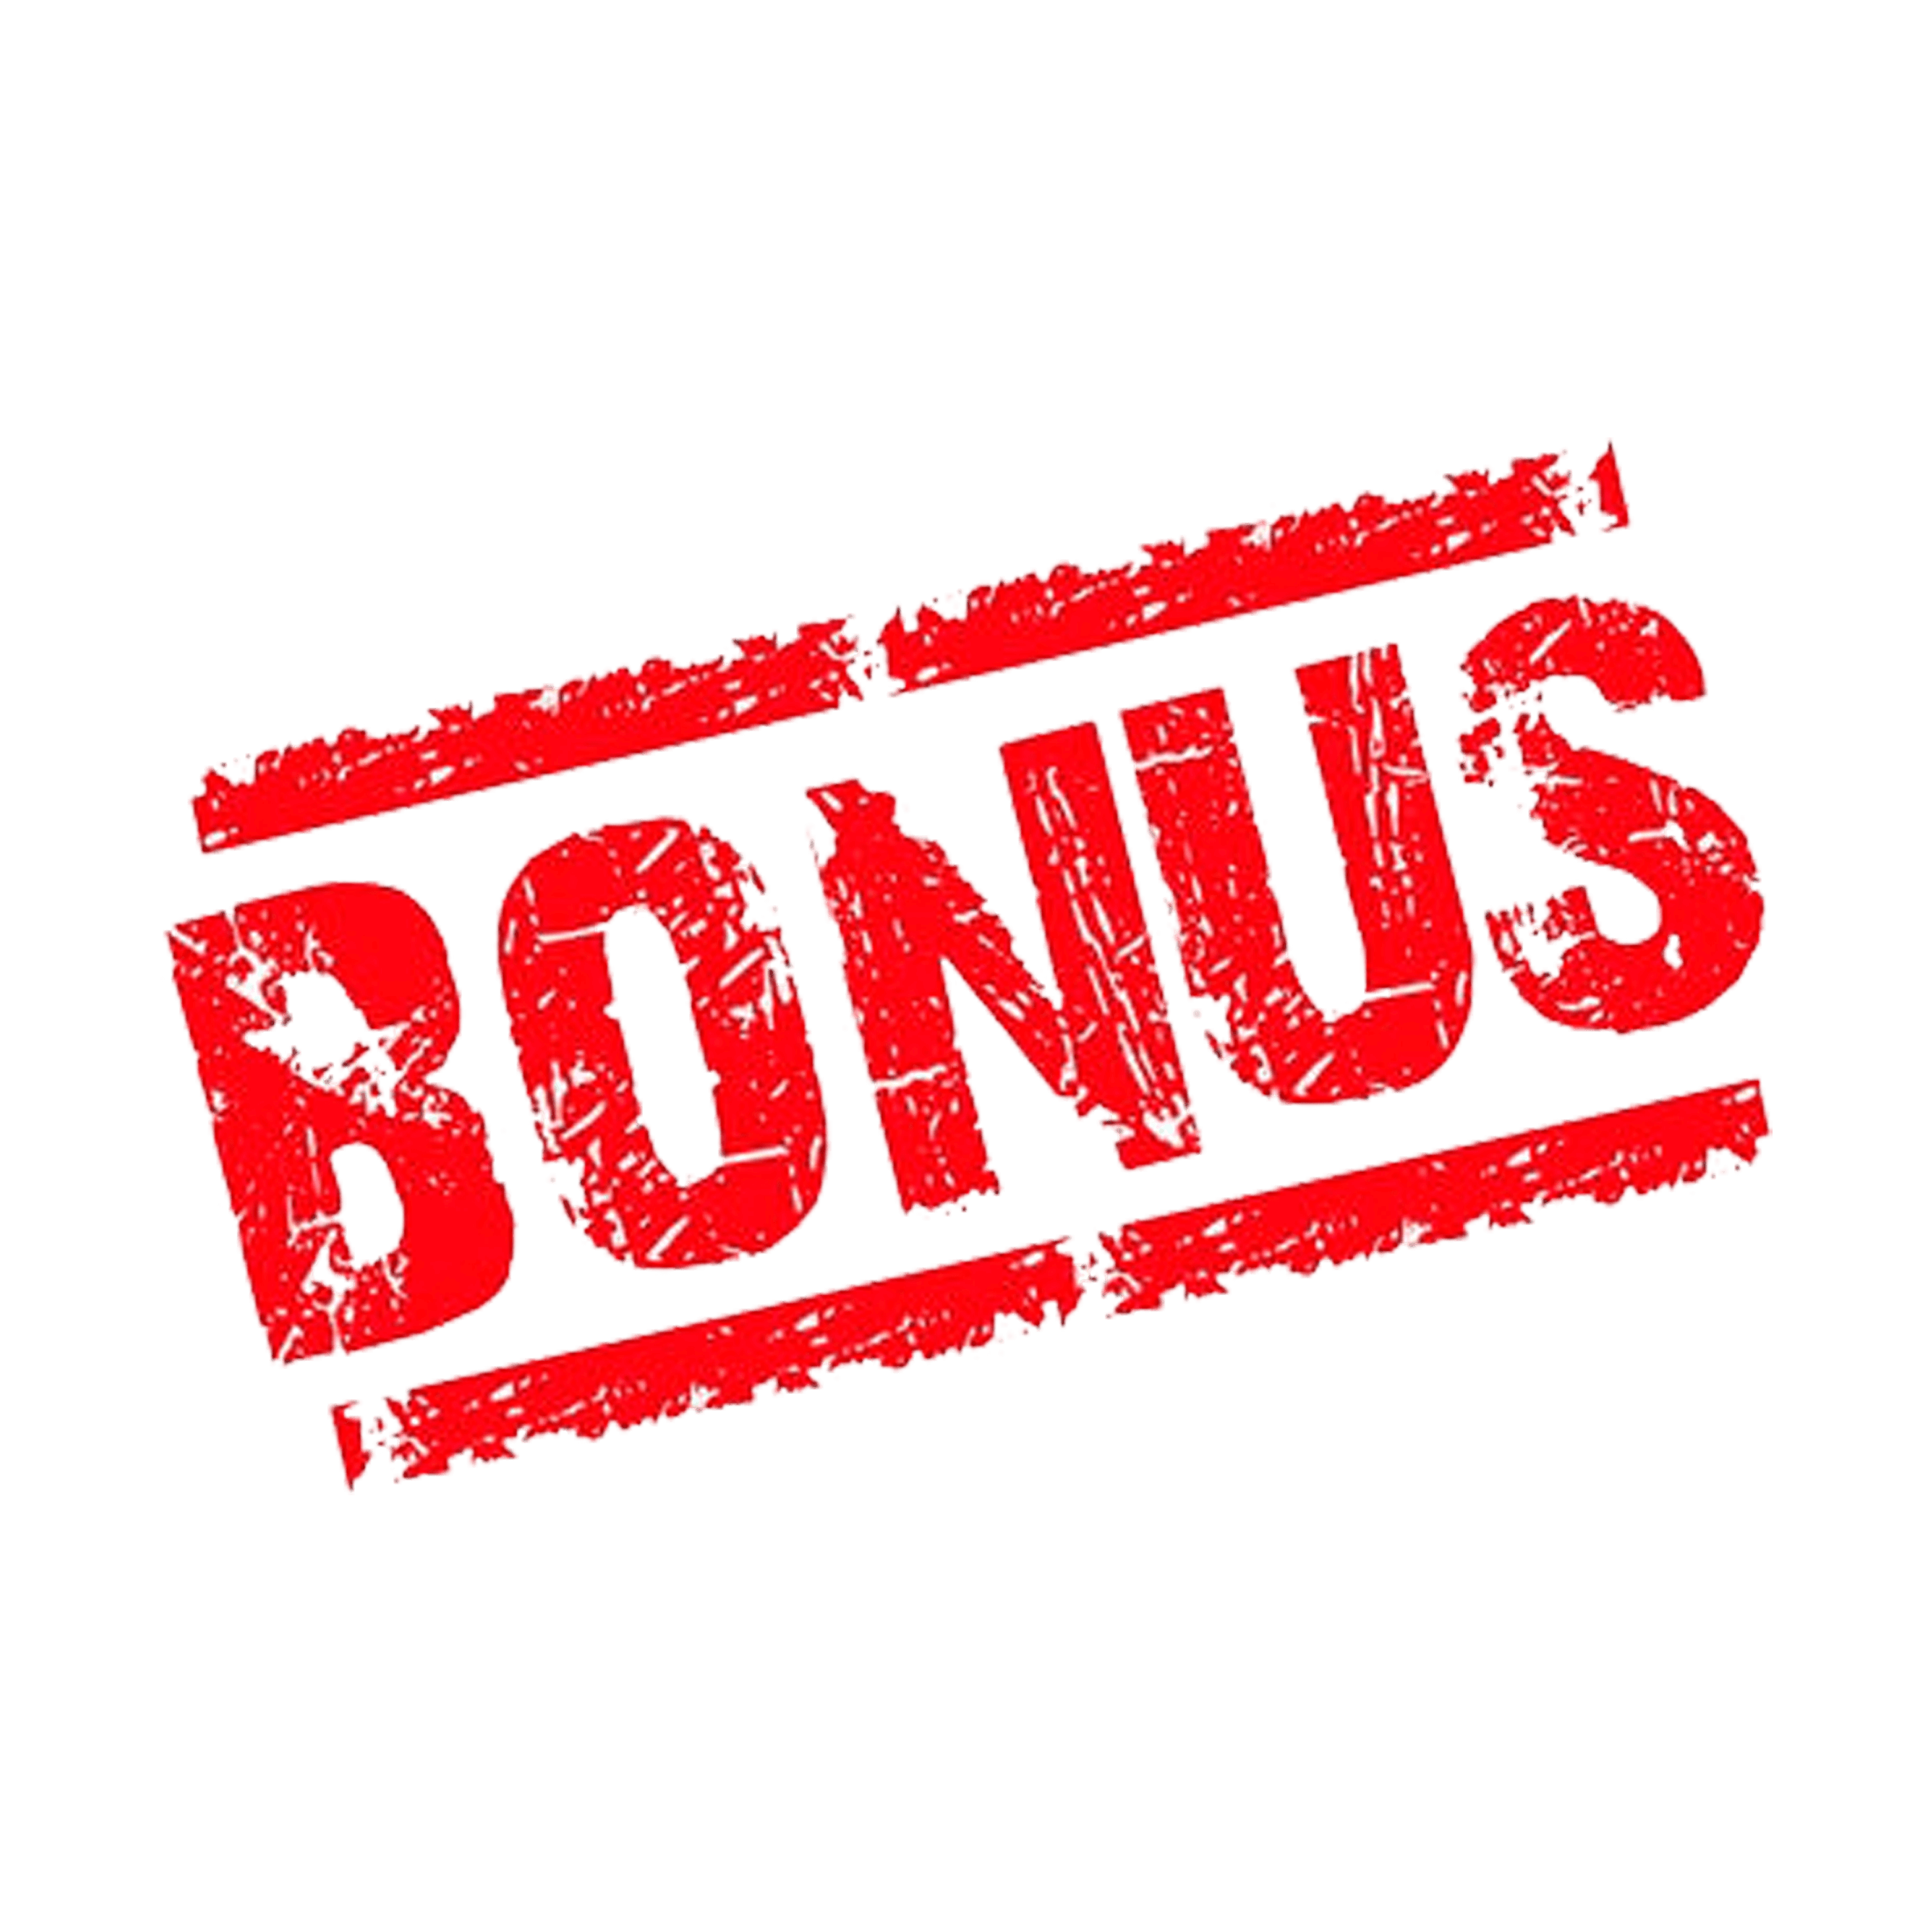 Bonus Kemenangan Ketika Menang Dalam Permainan